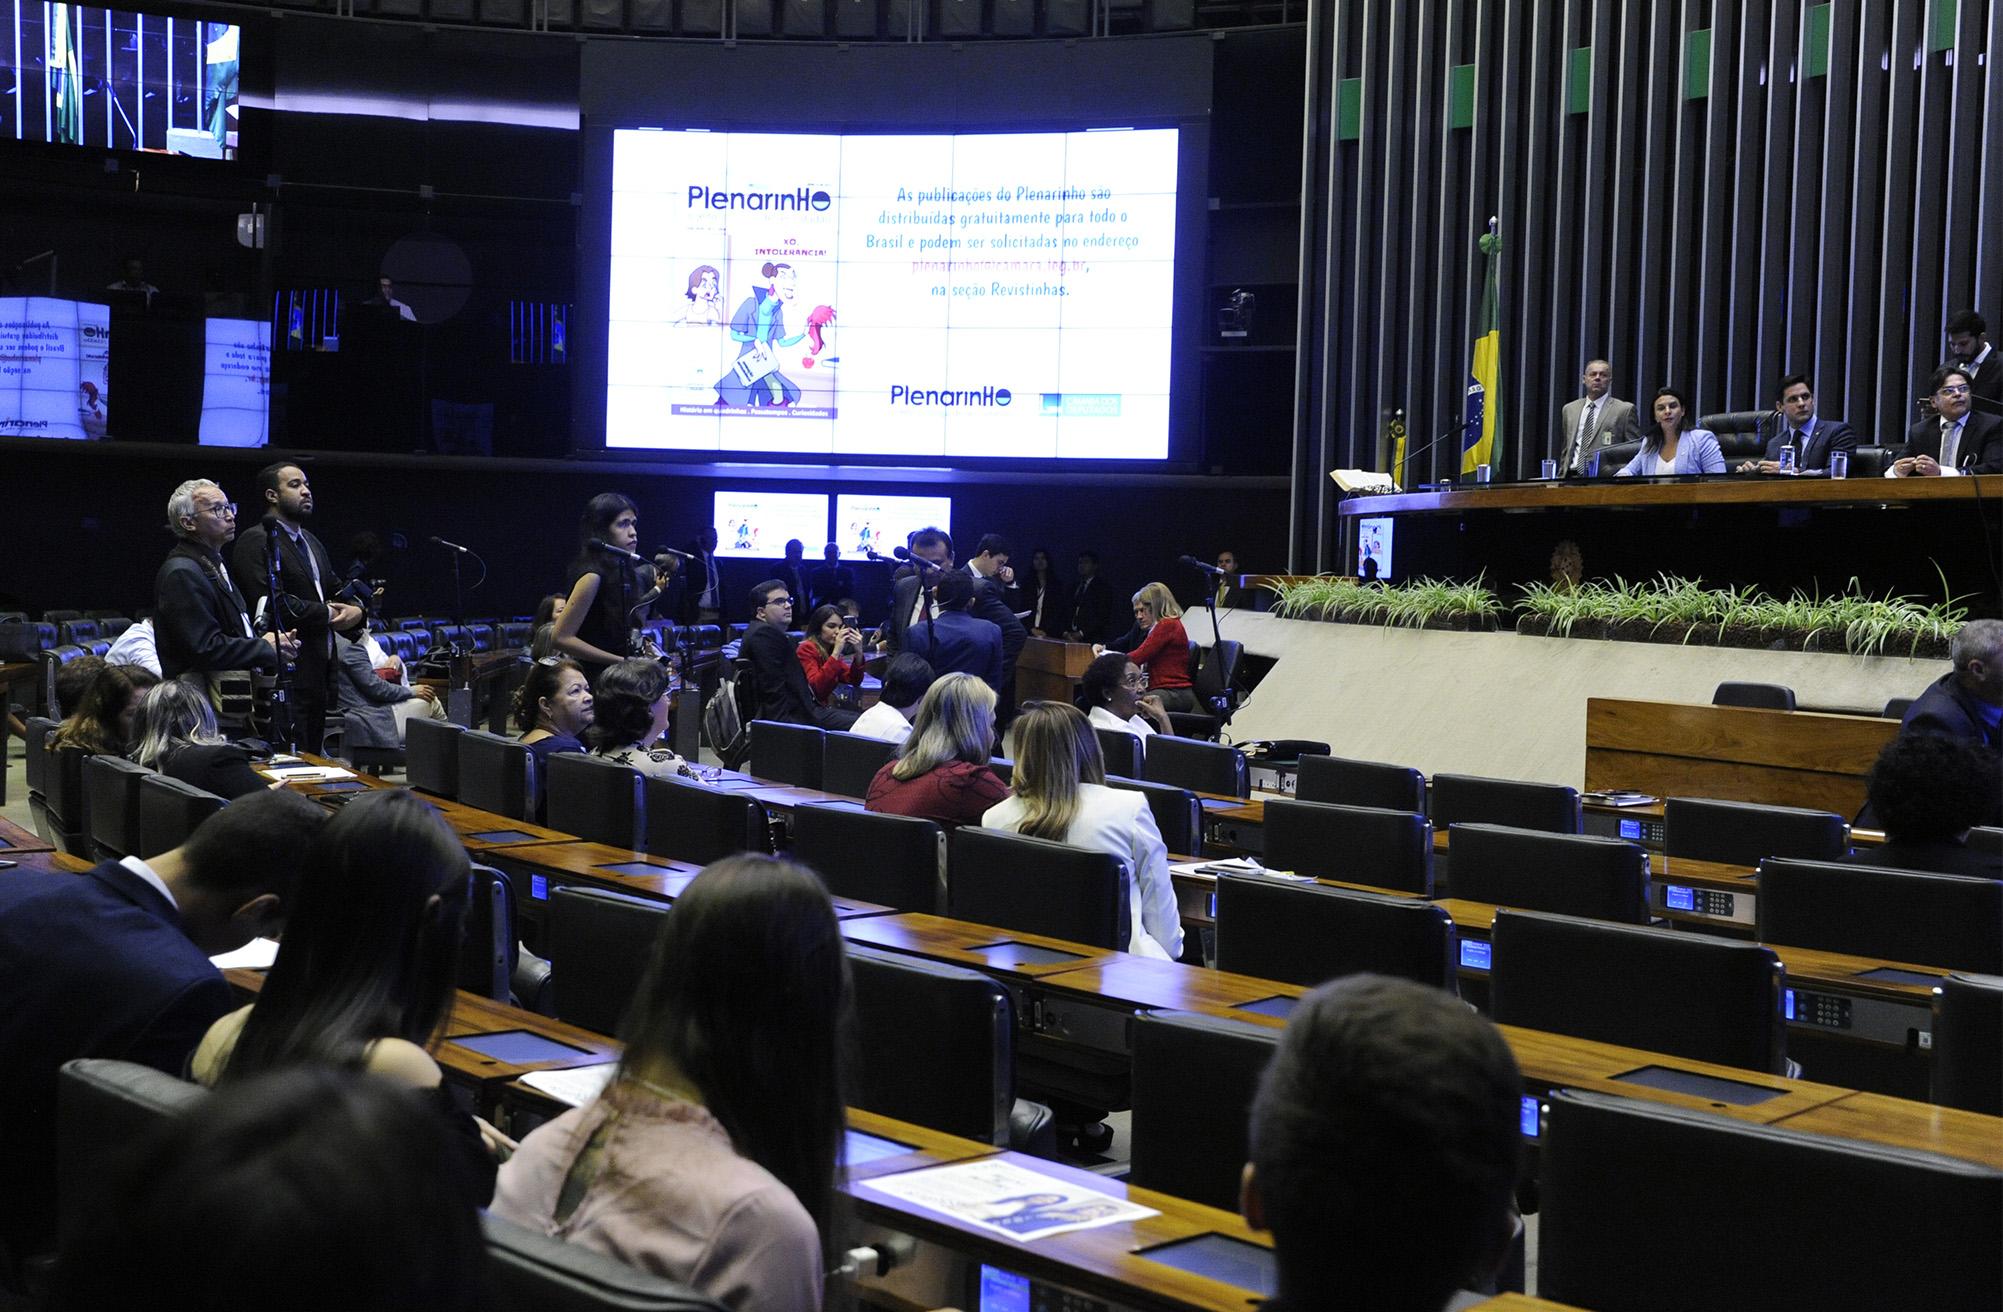 Entrega do Prêmio Brasil Mais Inclusão